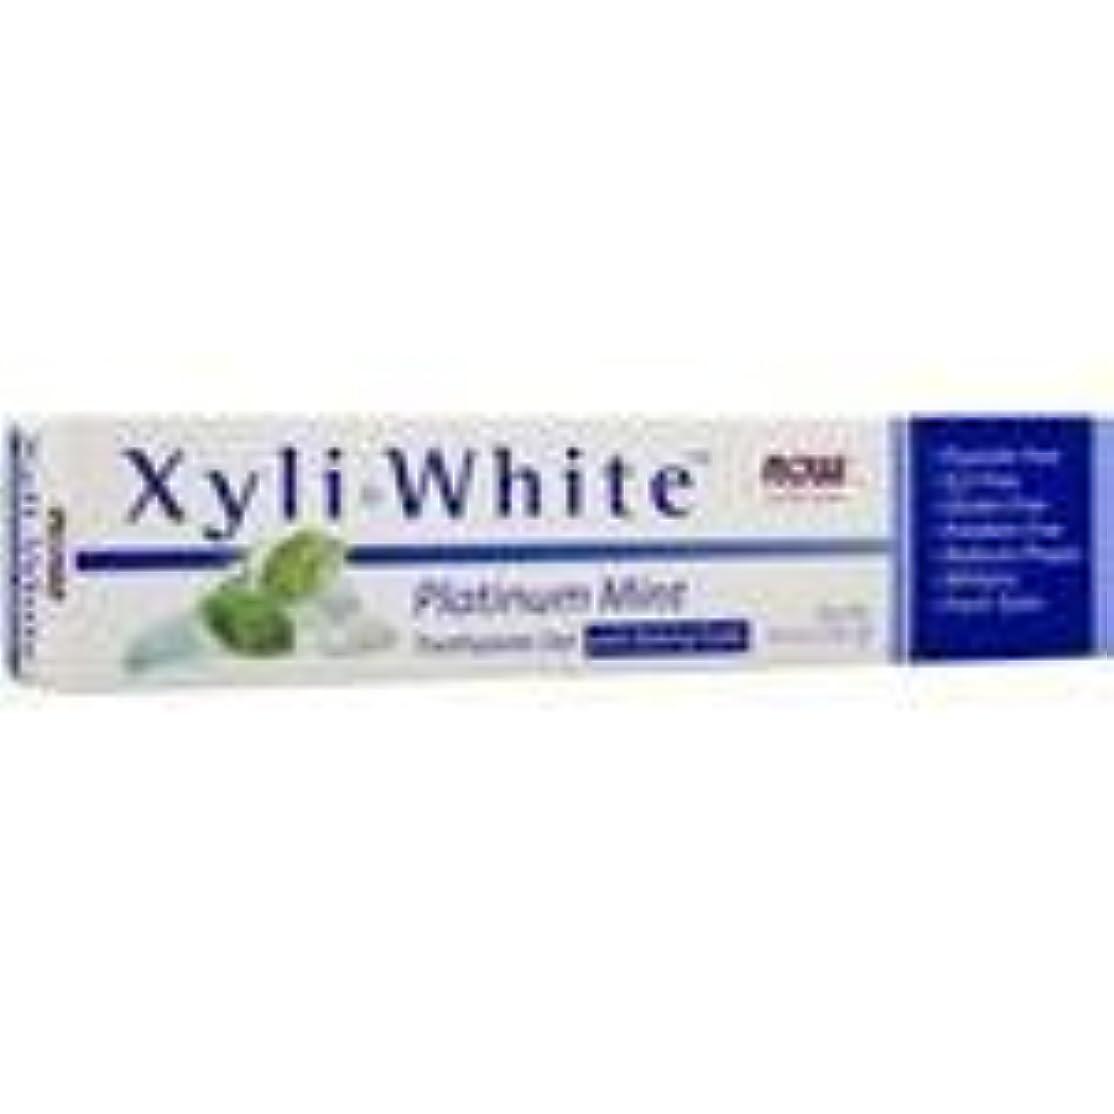 とんでもない影響チップキシリホワイト 歯磨き粉  プラチナミント+ベーキングソーダ 182g 5個パック